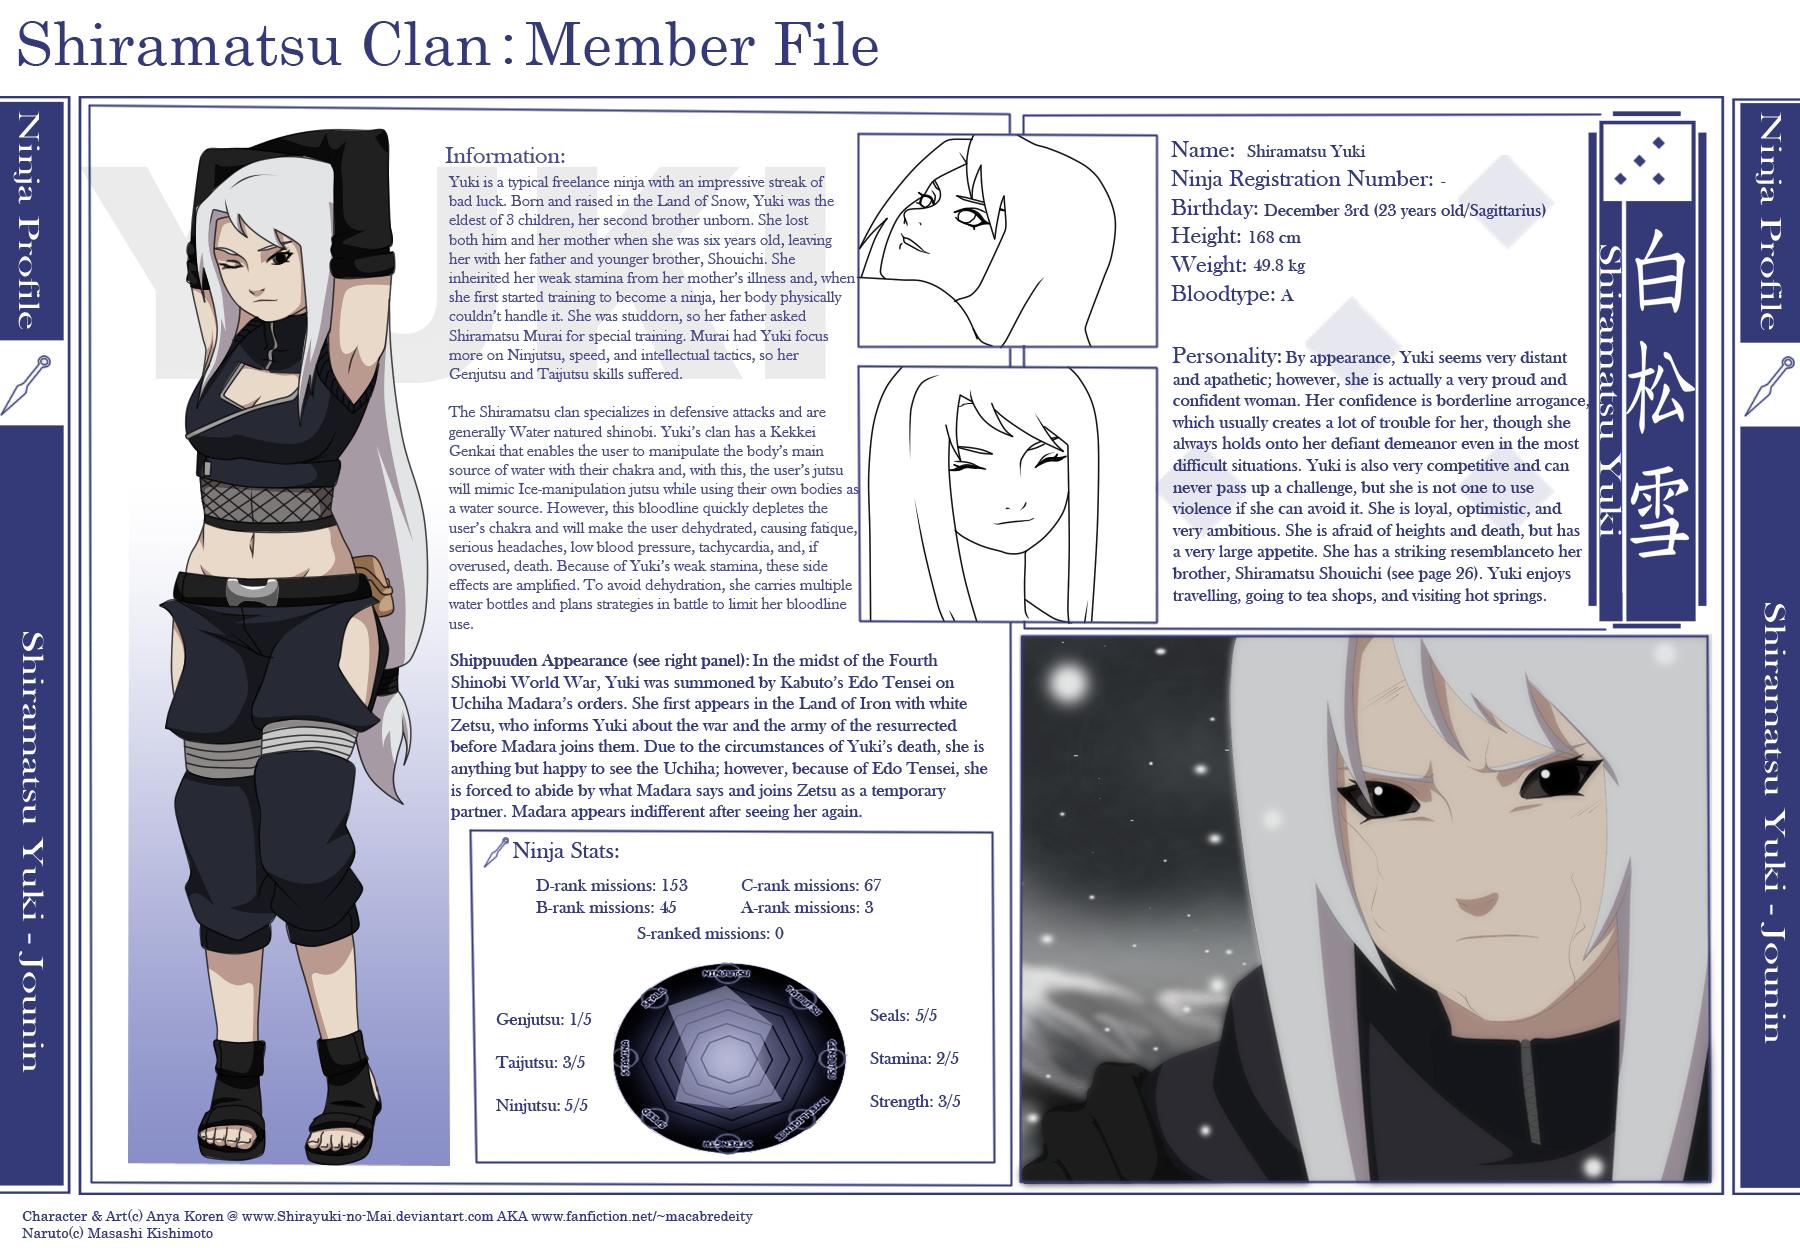 Shiramatsu Yuki: Info Sheet by Shirayuki-no-Mai on DeviantArt